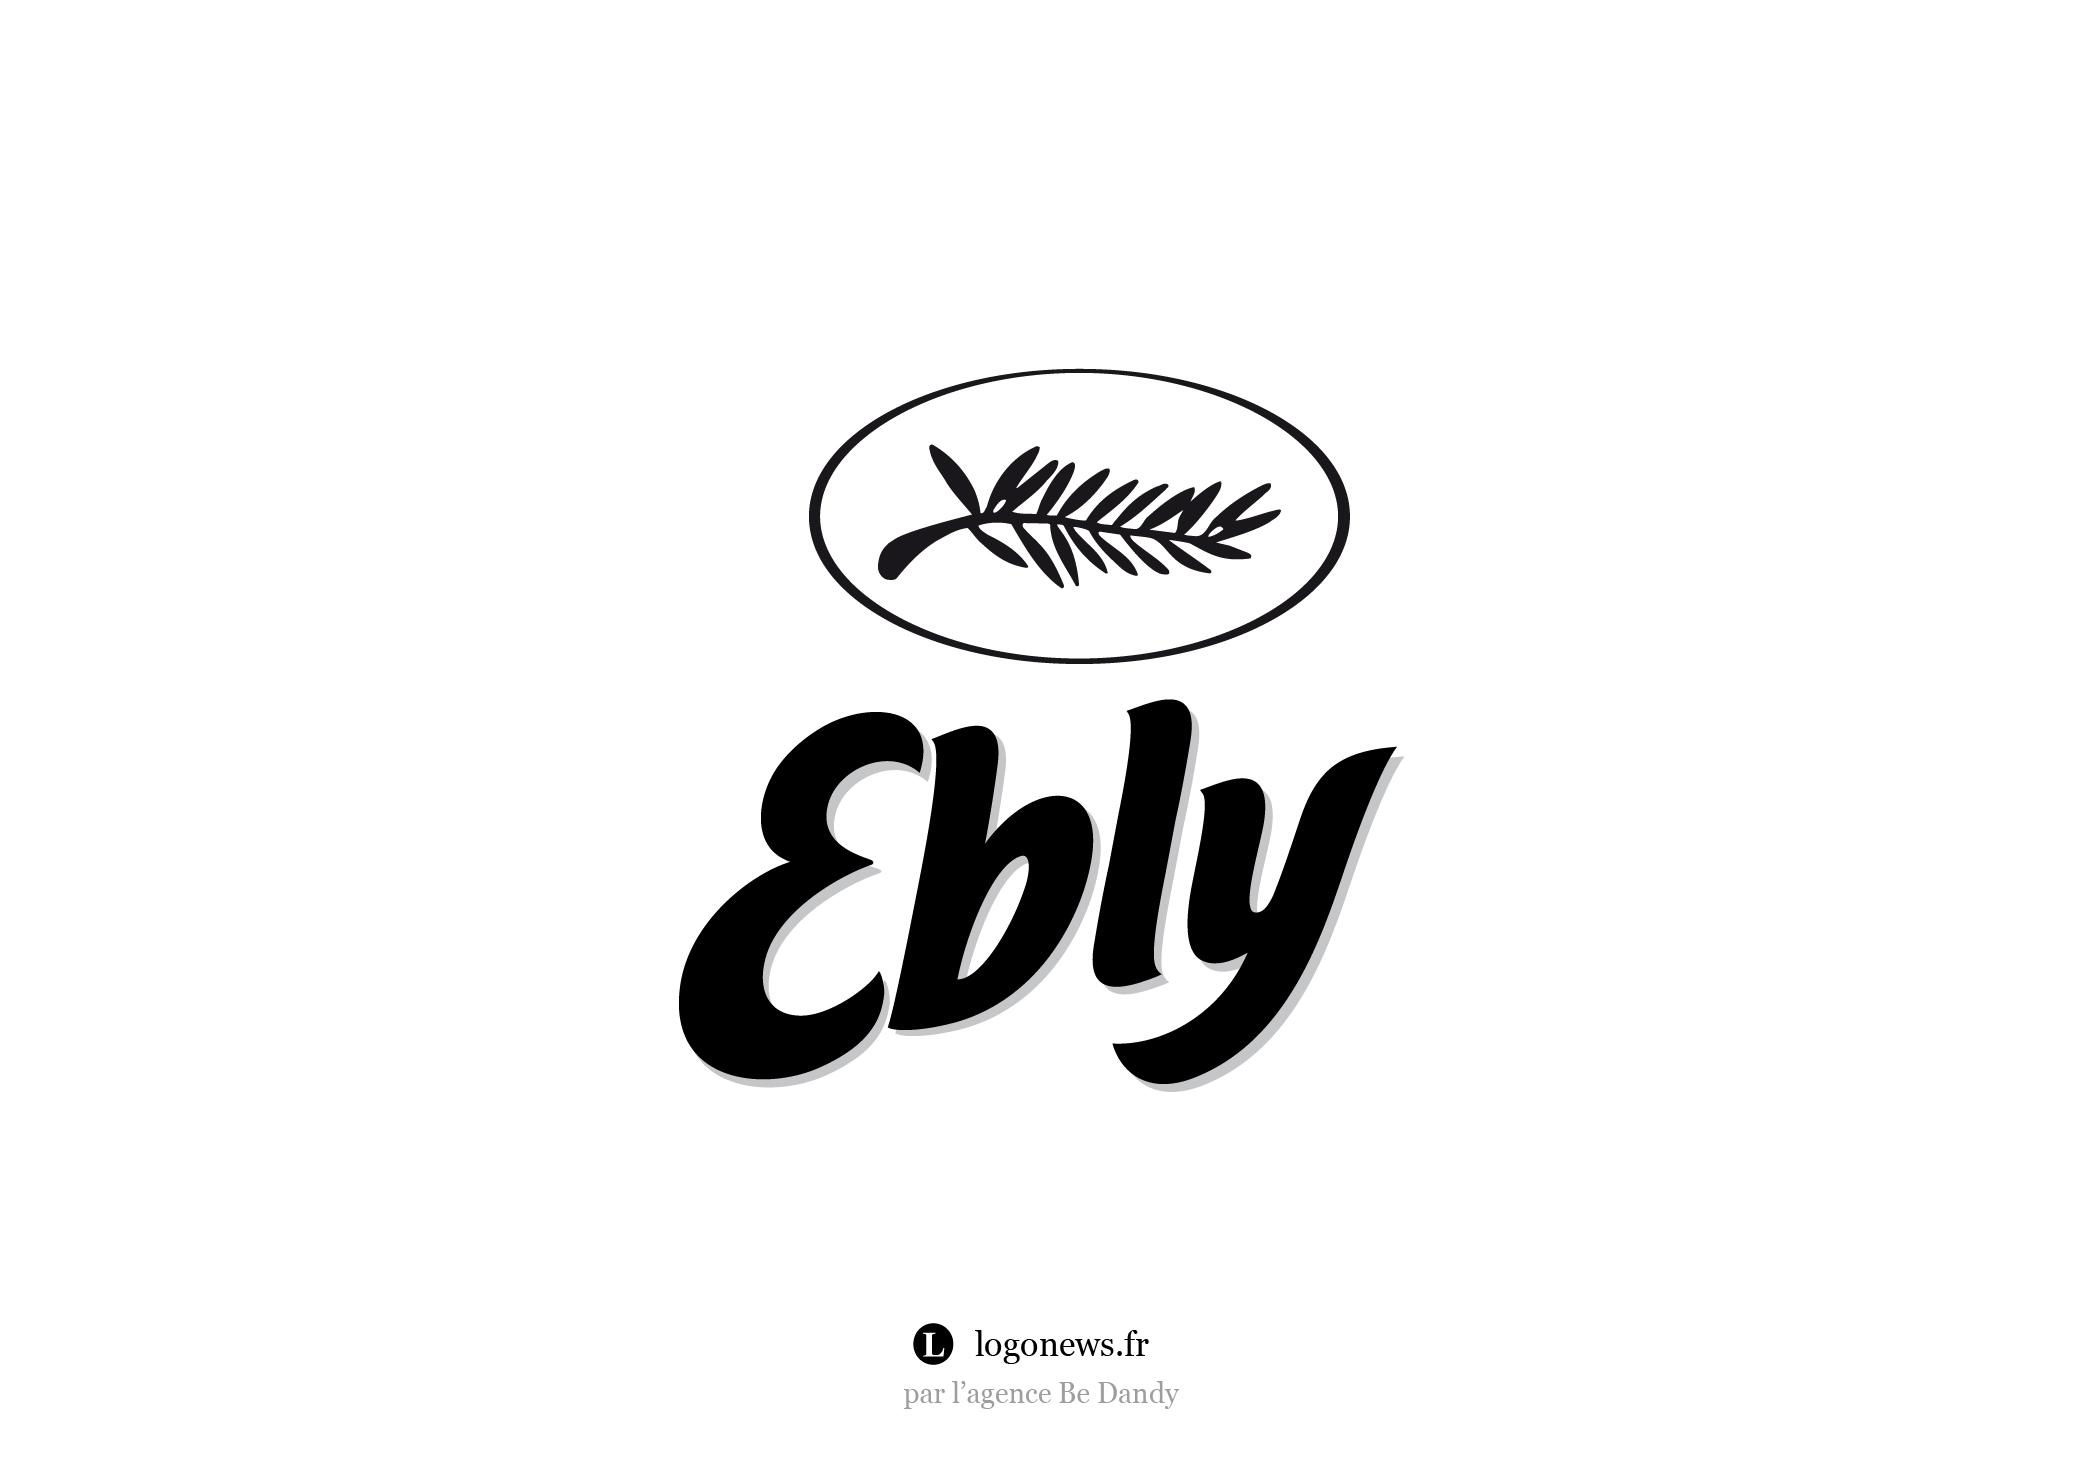 02_remix_logo_ebly_palme_dor